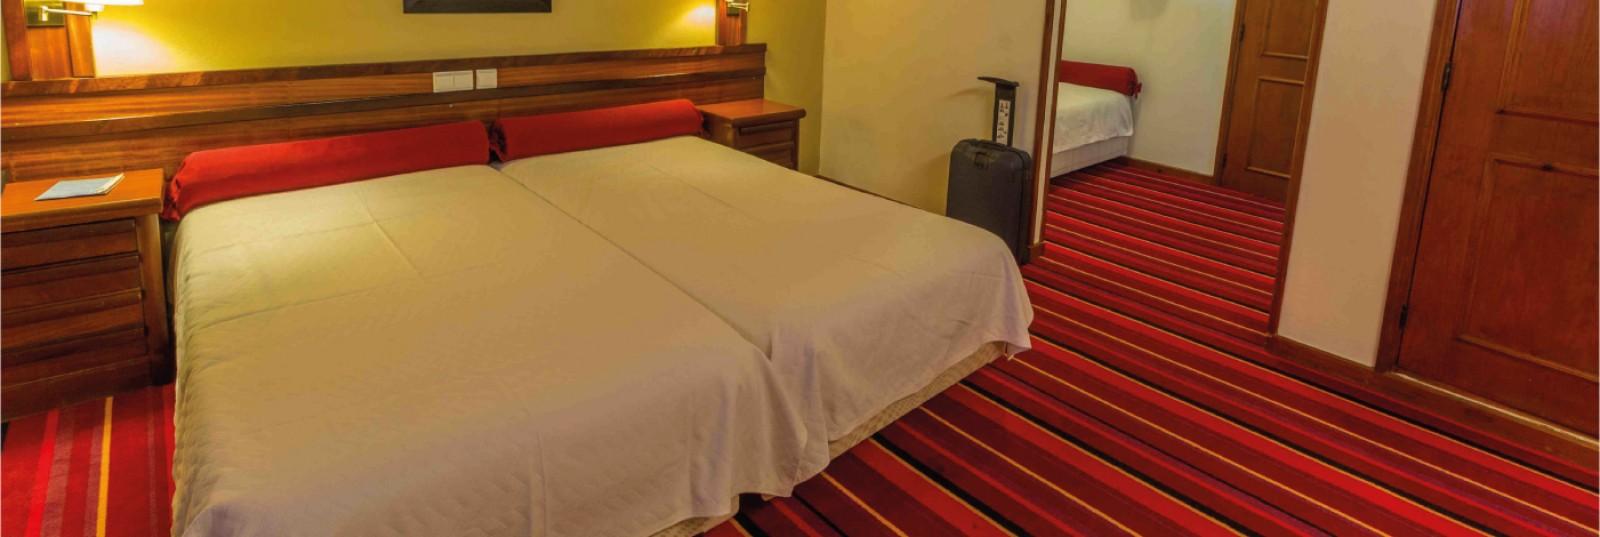 Hotel Eurosol Seia Camelo - triplo